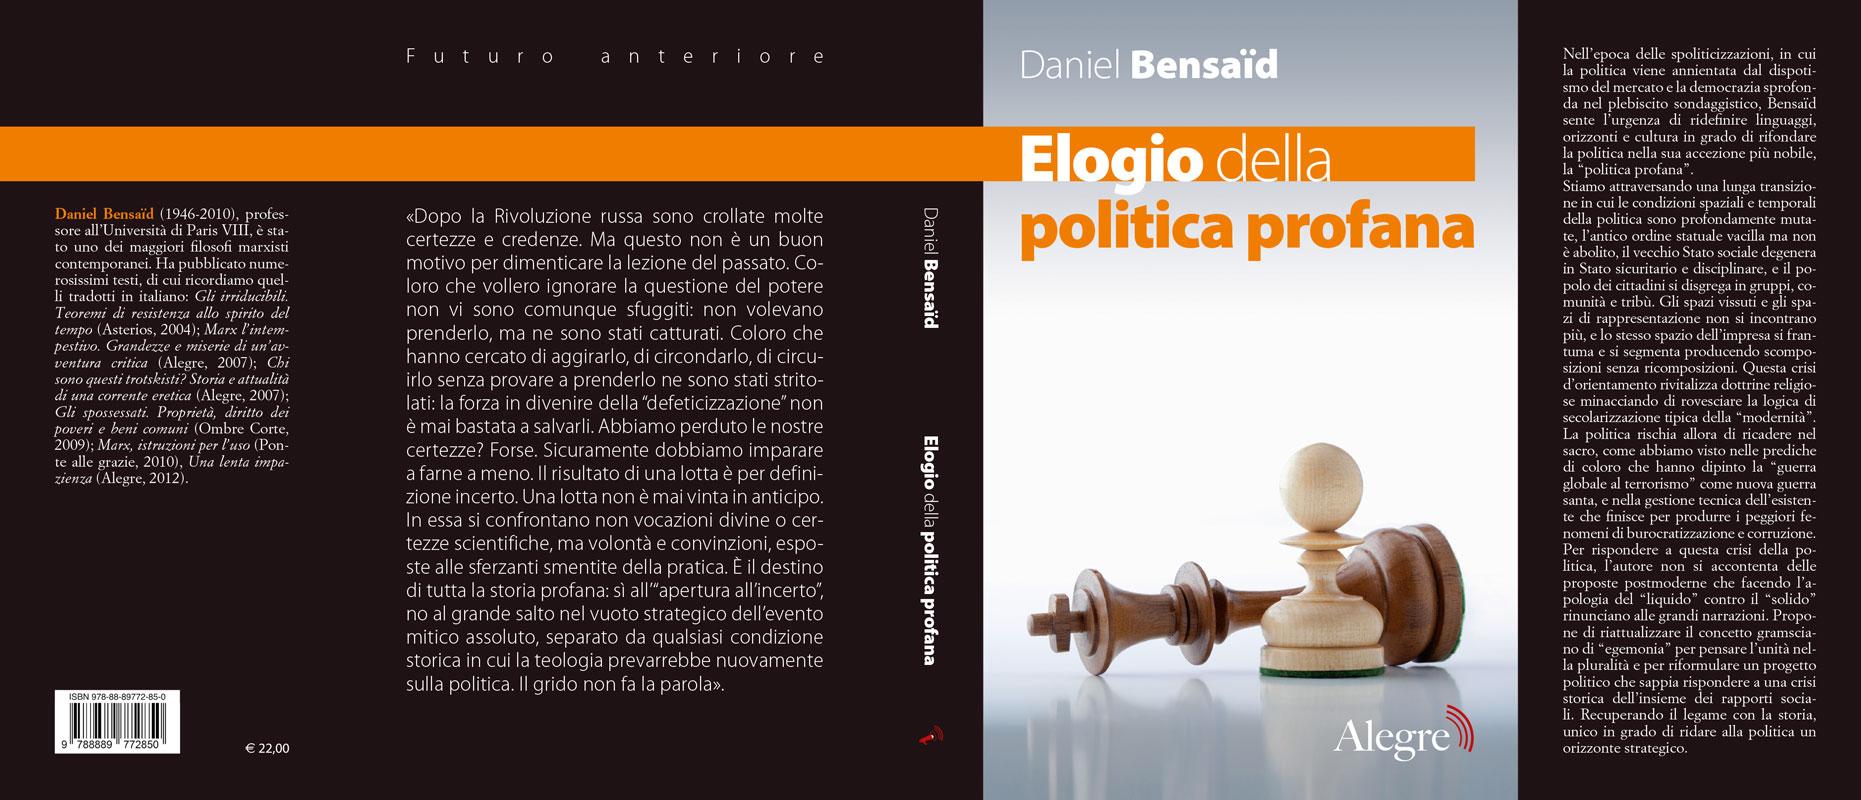 Daniel Bensaid, Elogio della politica profana, stesa